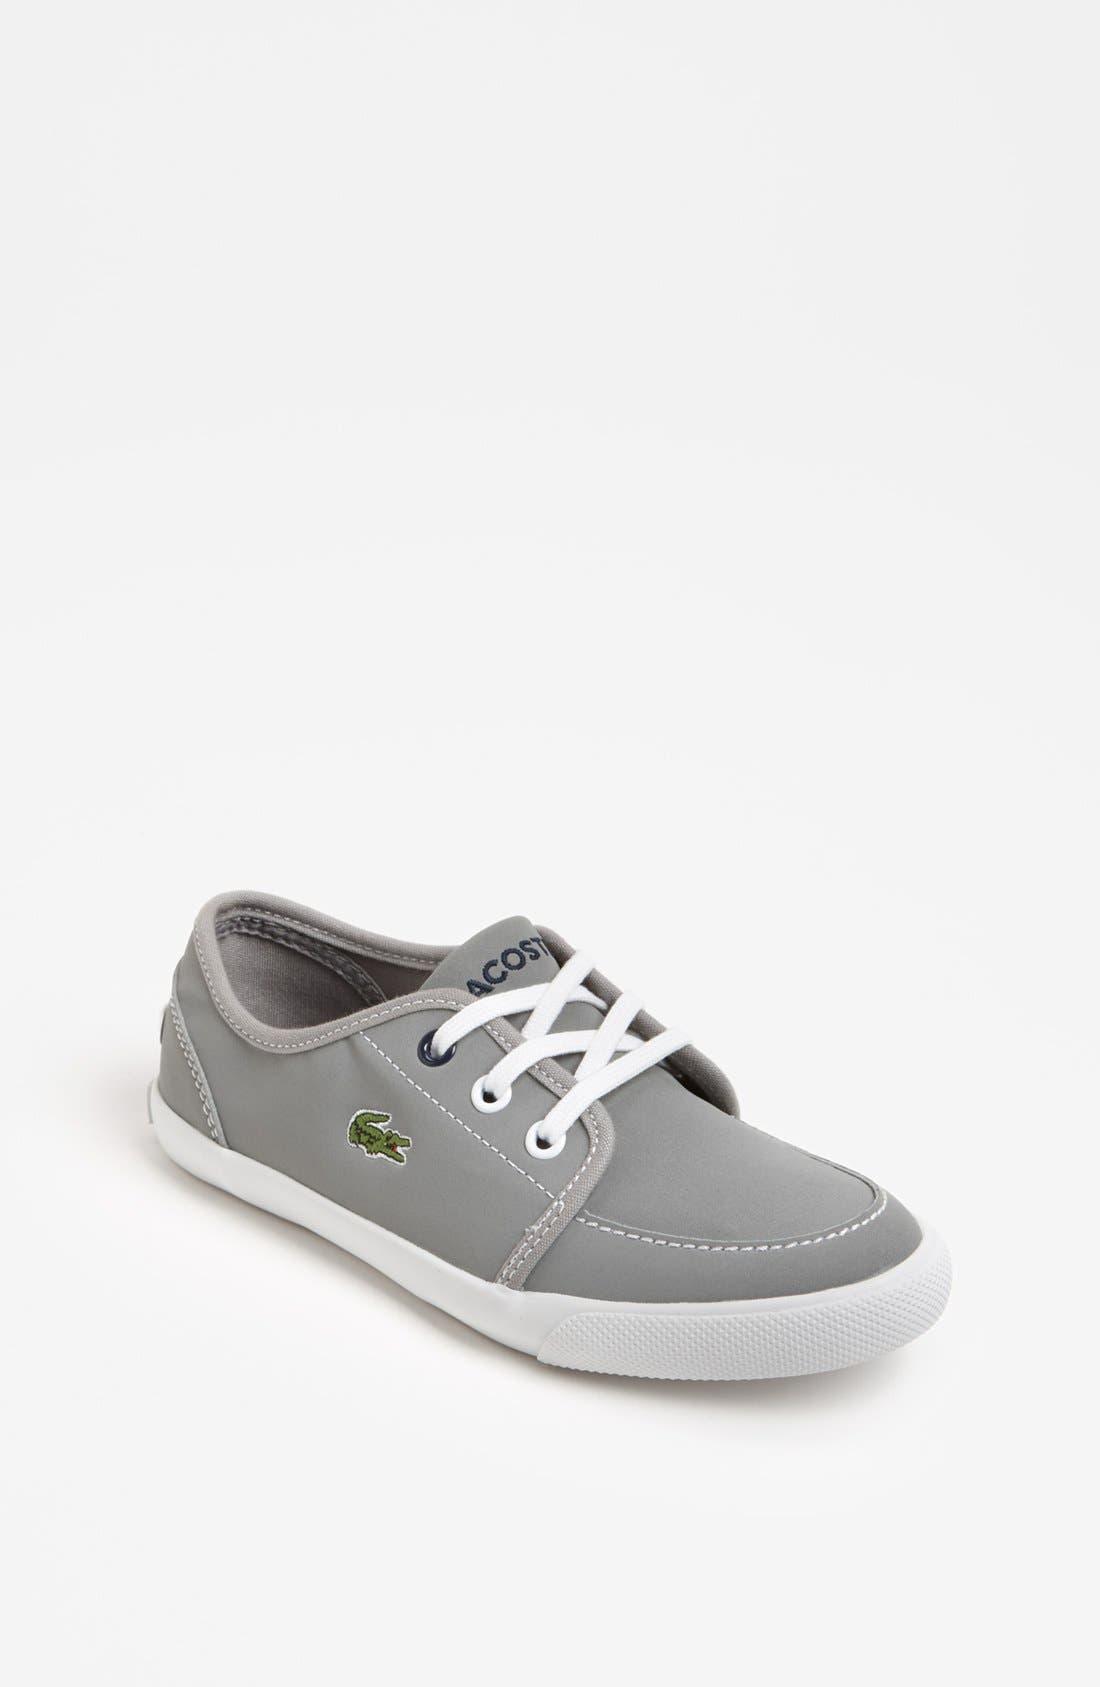 Main Image - Lacoste 'Boat DE' Sneaker (Toddler & Little Kid)